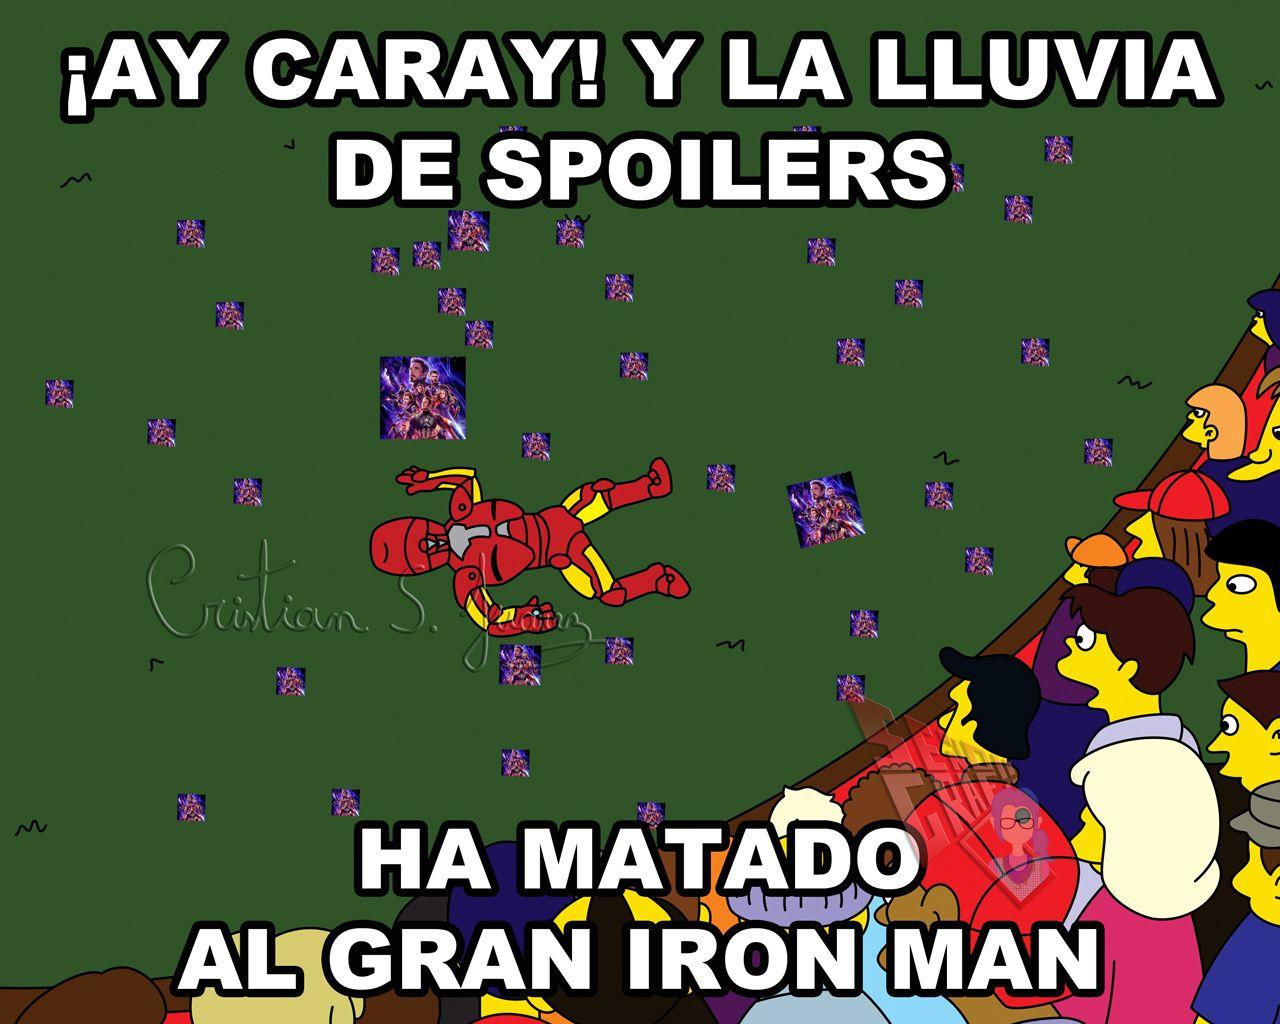 La Lluvia De Spoilers Ha Matado Al Gran Iron Man Memes Crossover Funny